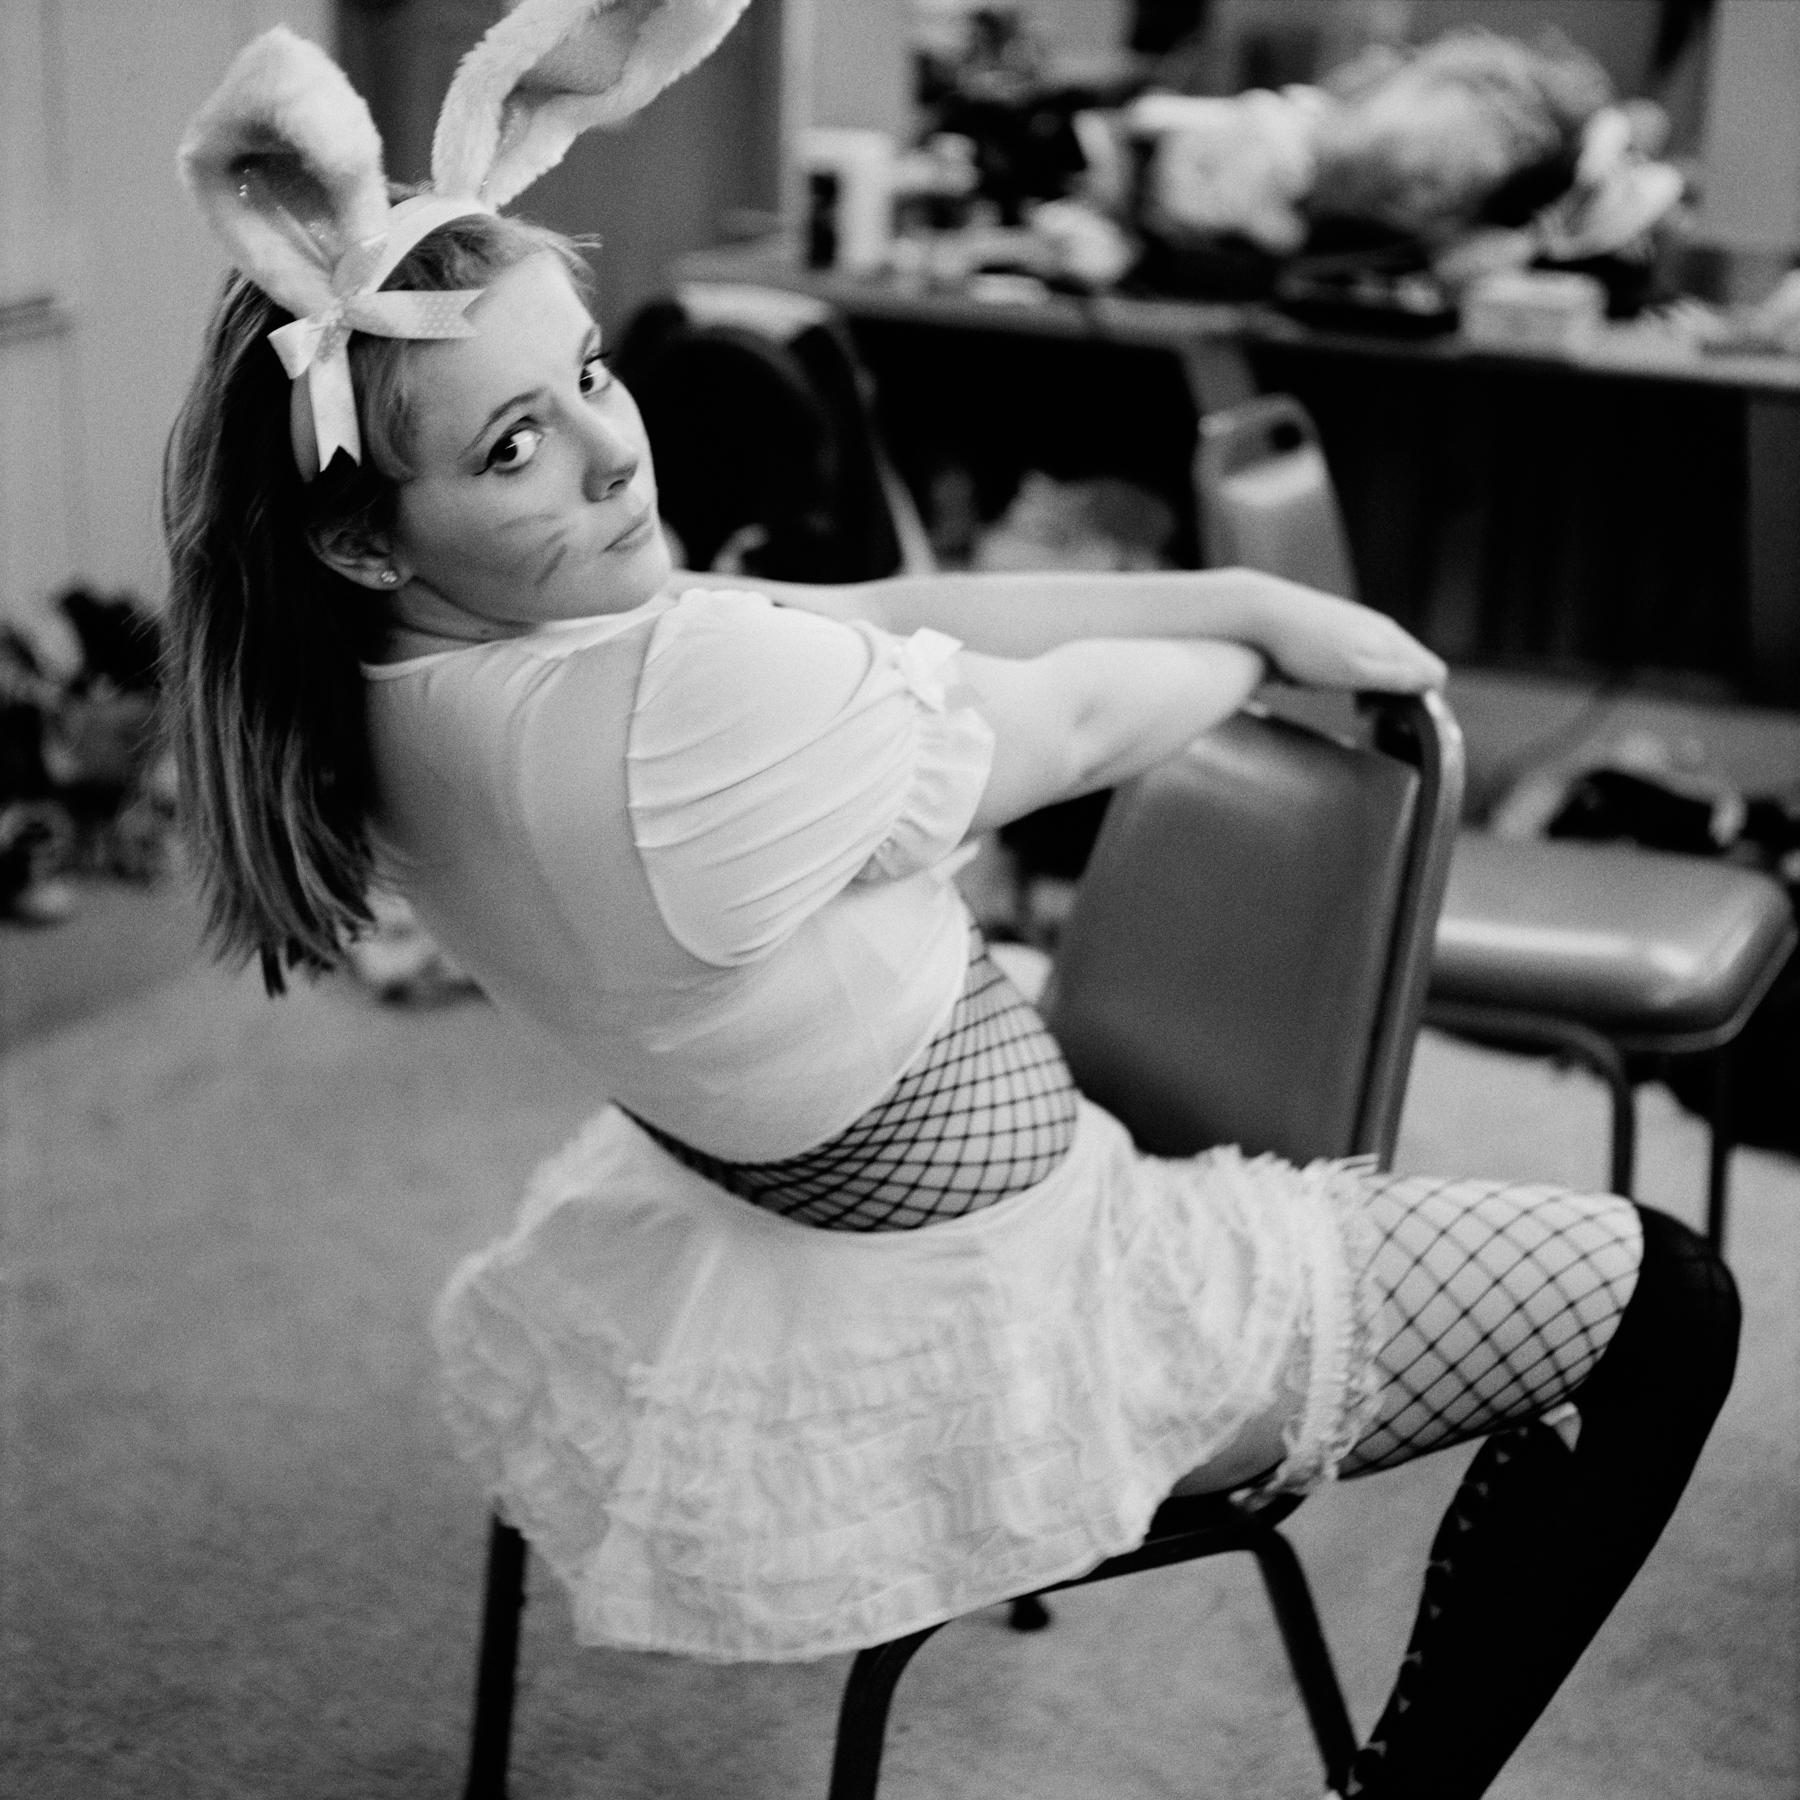 Kitty as a bunny, 2011